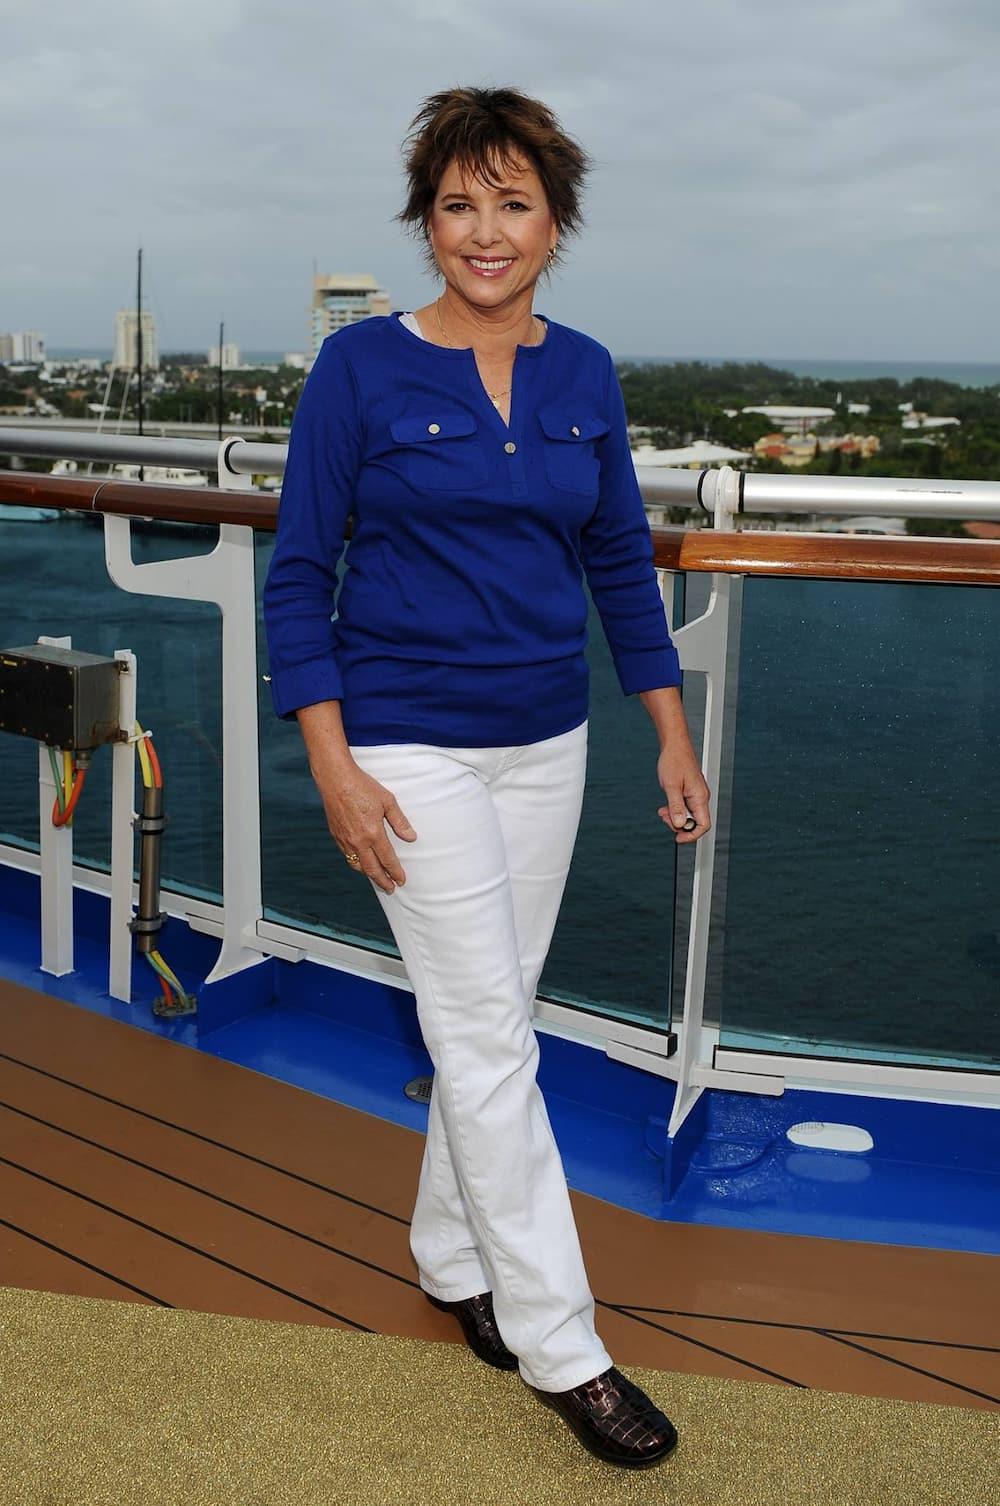 Martie Allen partner